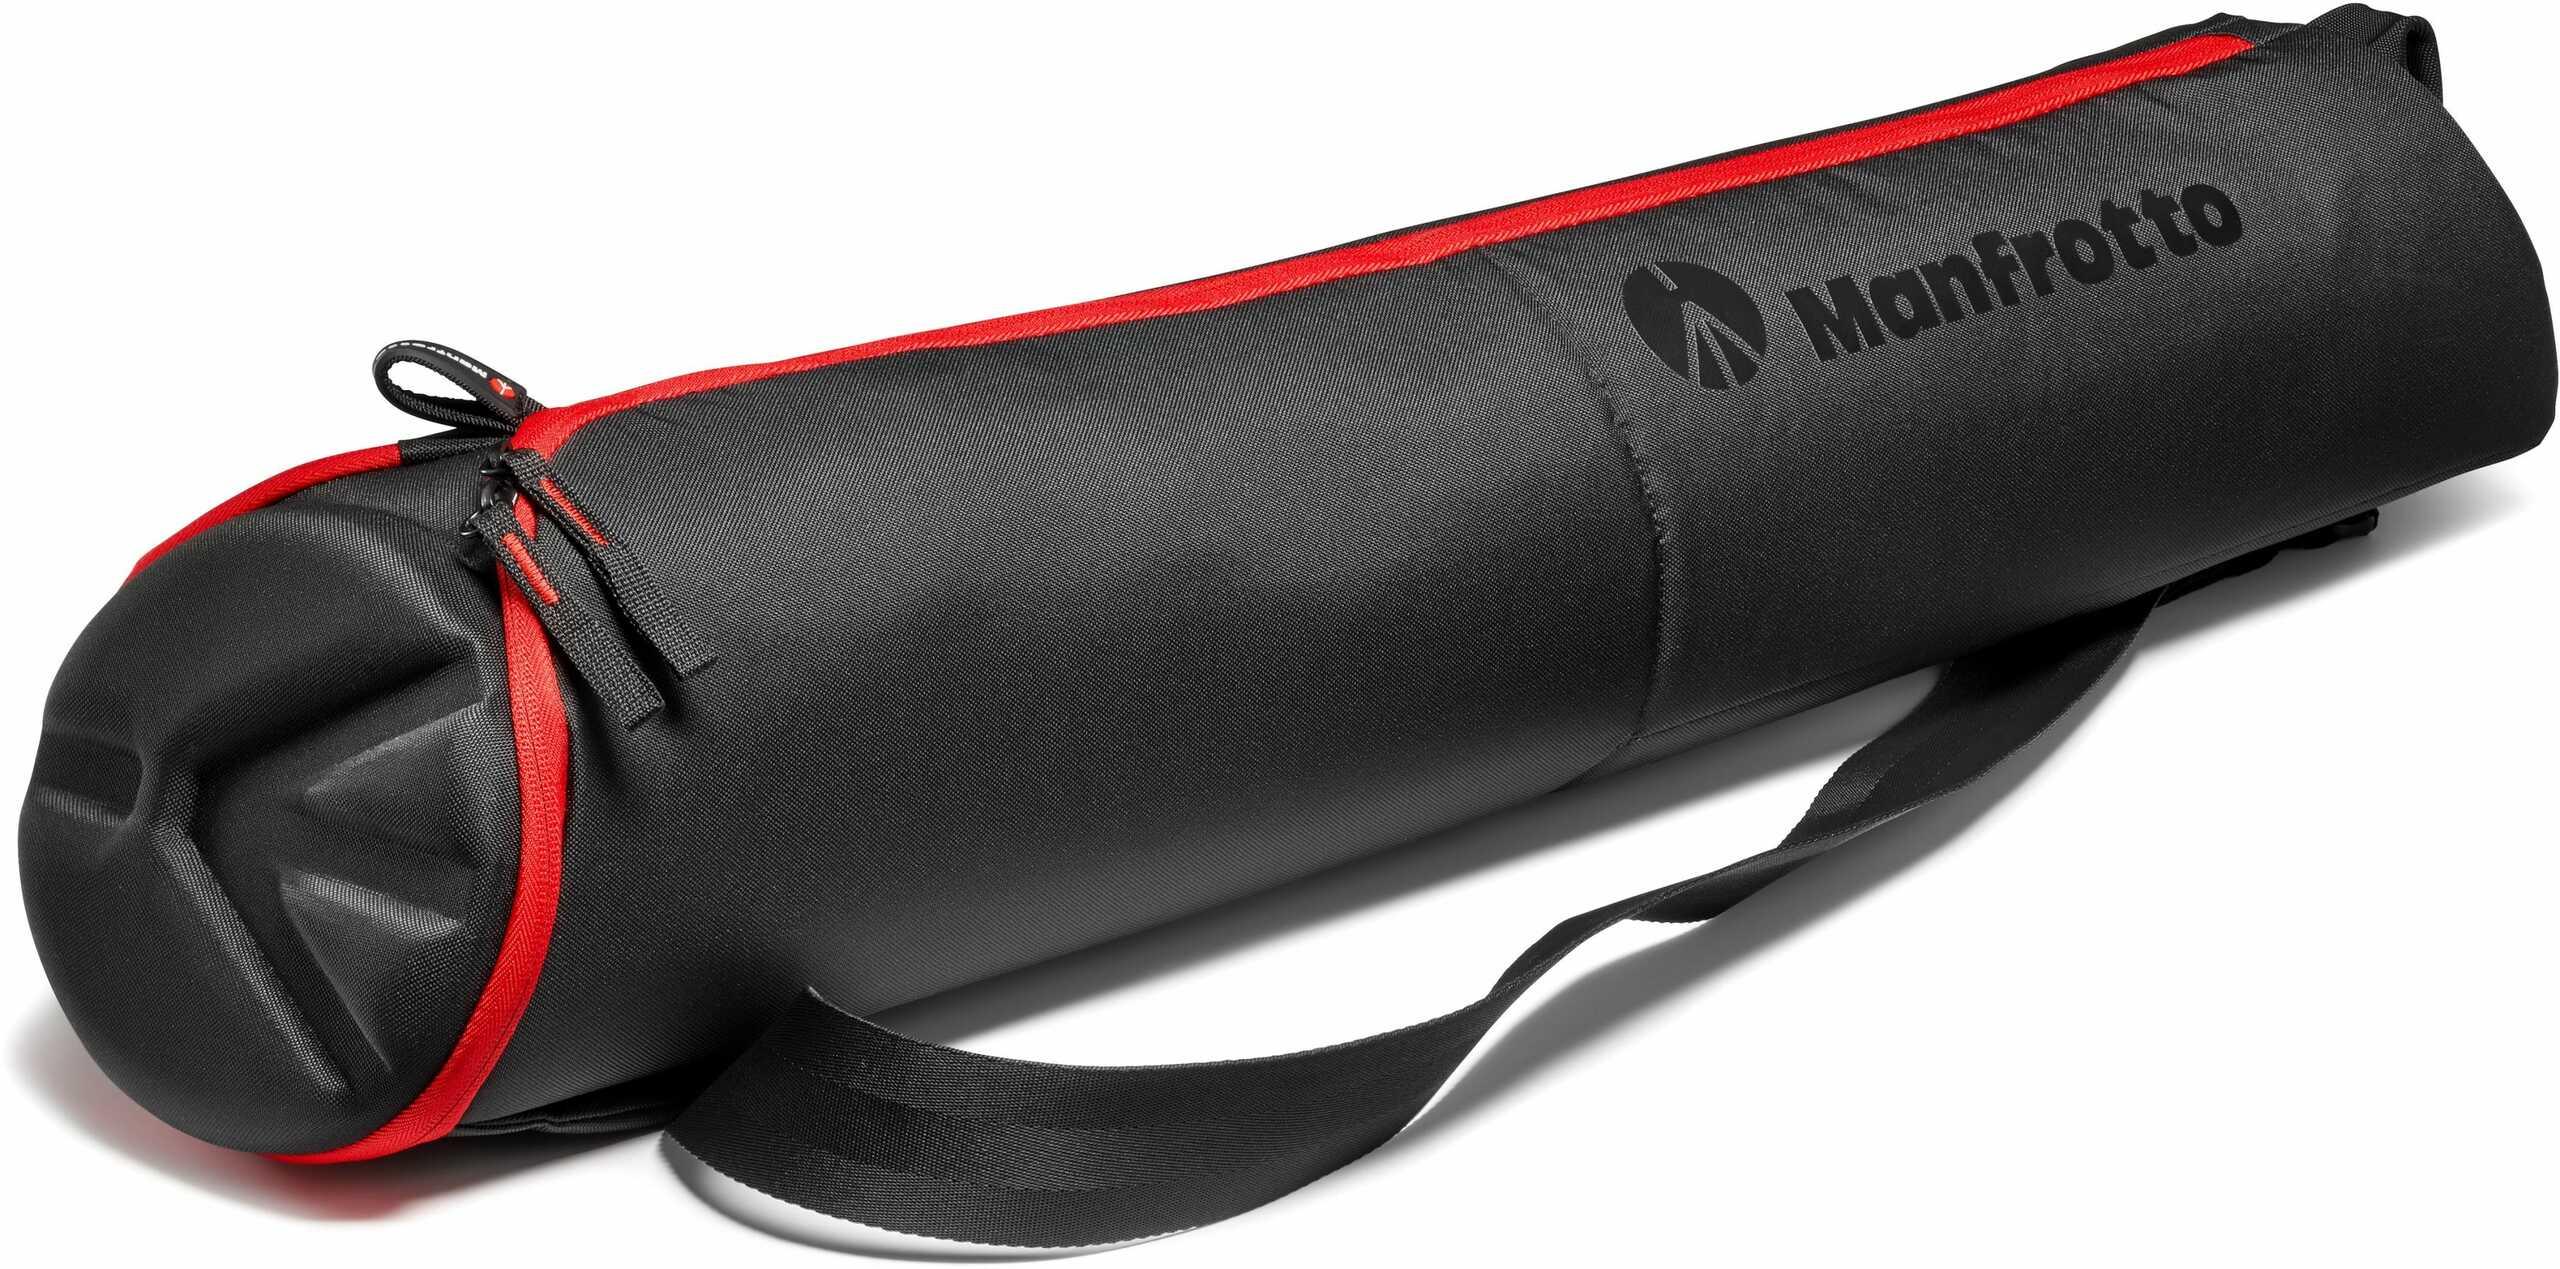 Manfrotto MB MBAG75PN - torba wykładana pianką na statyw / długość 75cm